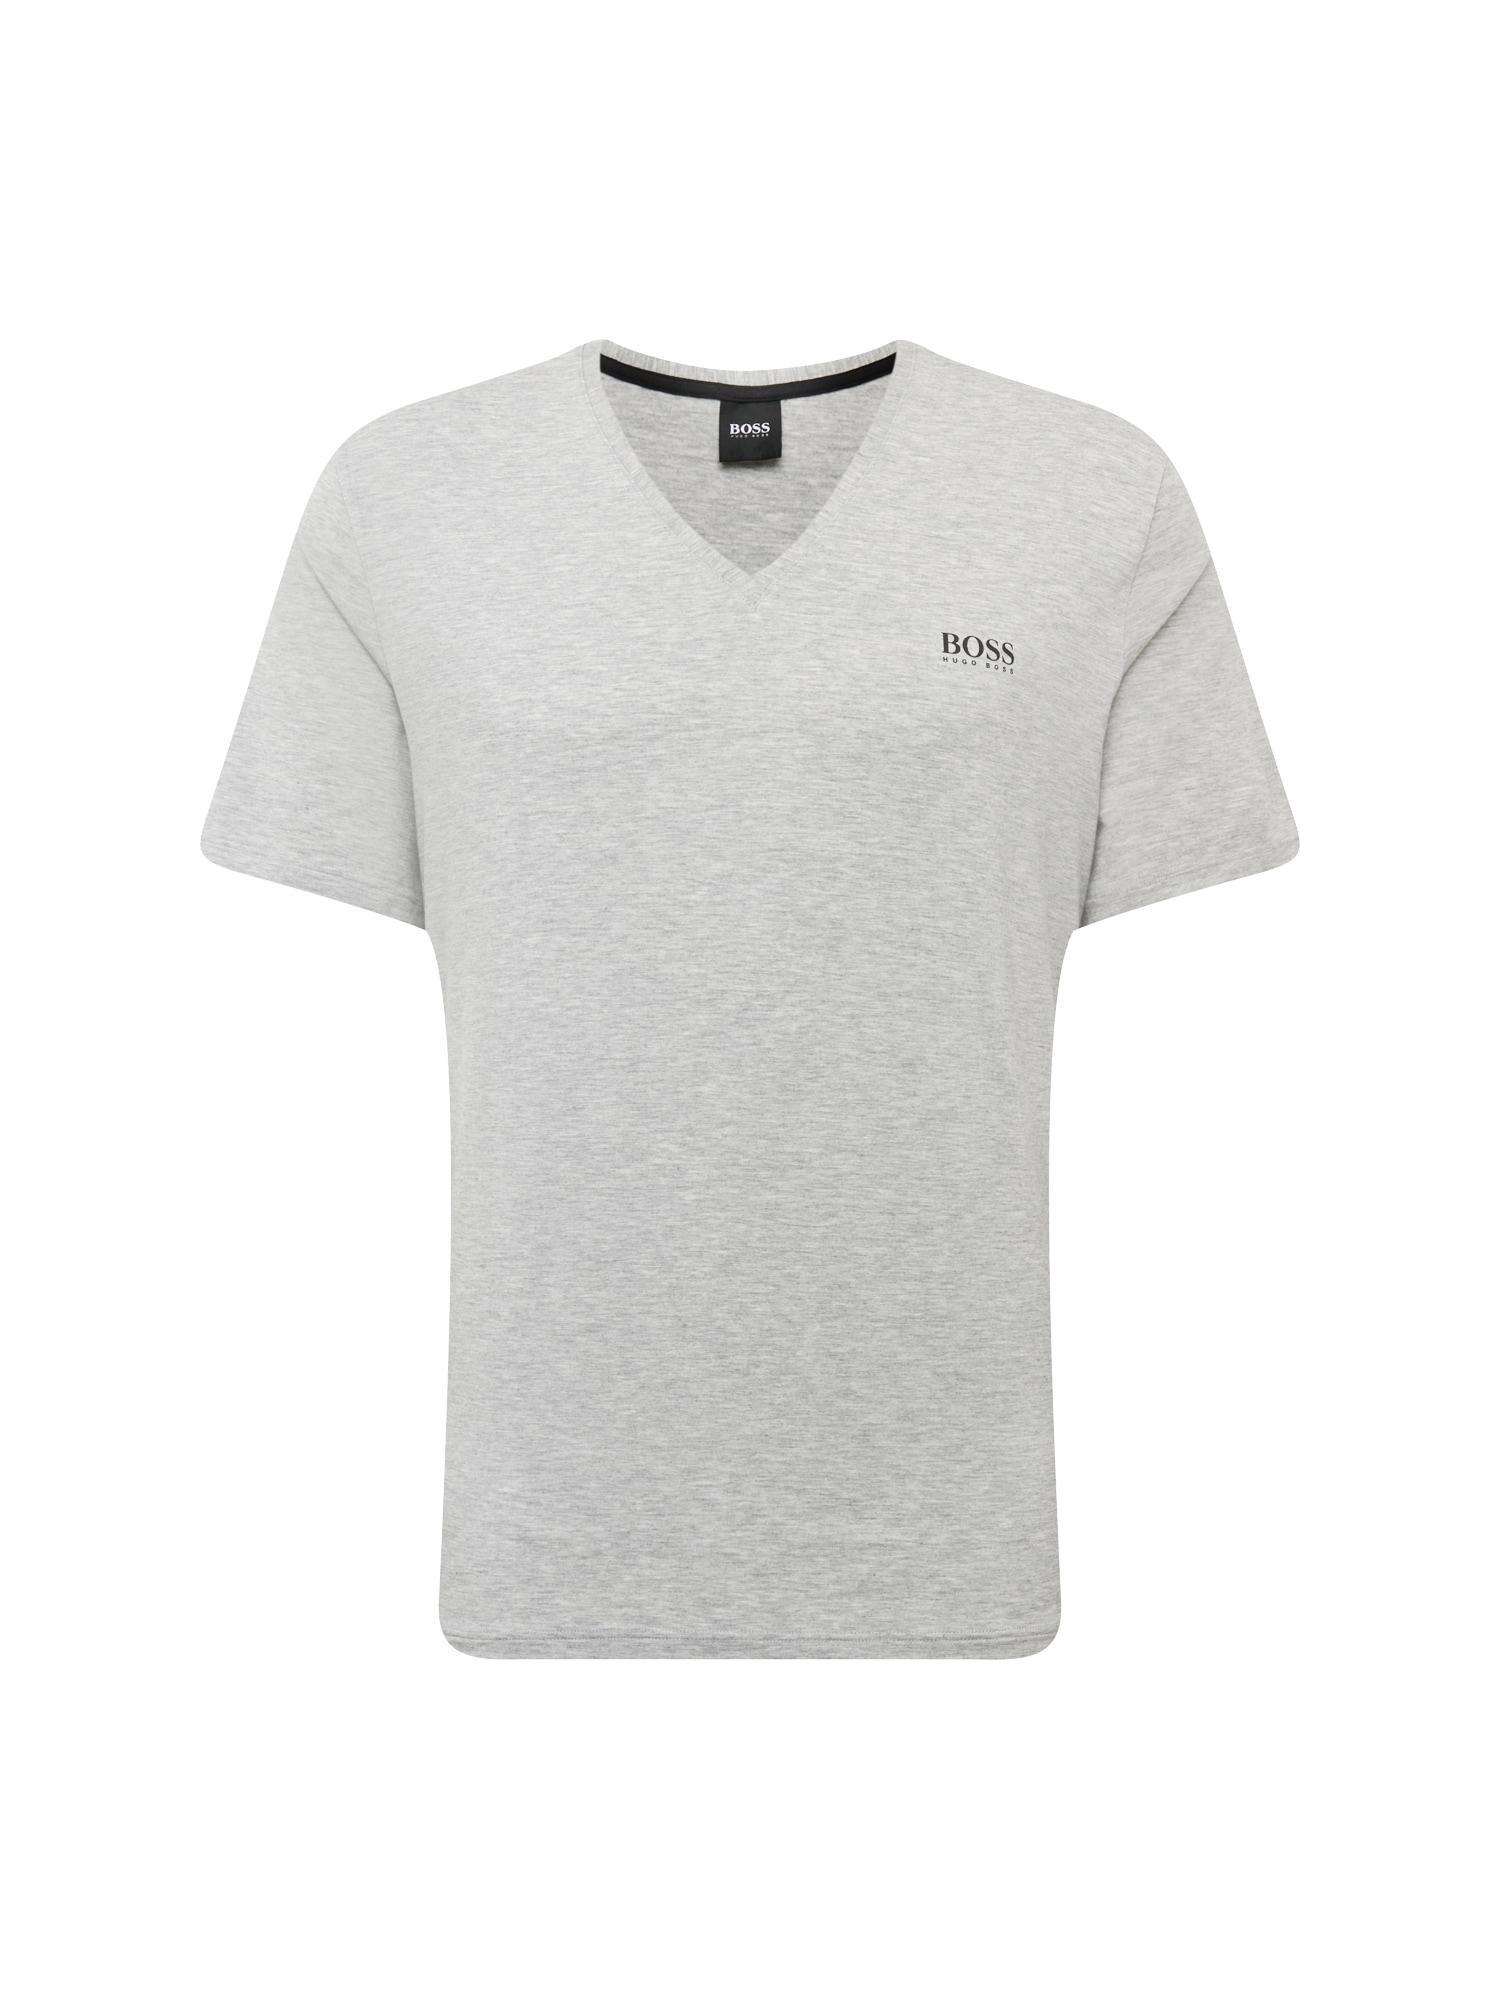 BOSS Marškinėliai 'Comfort' tamsiai pilka